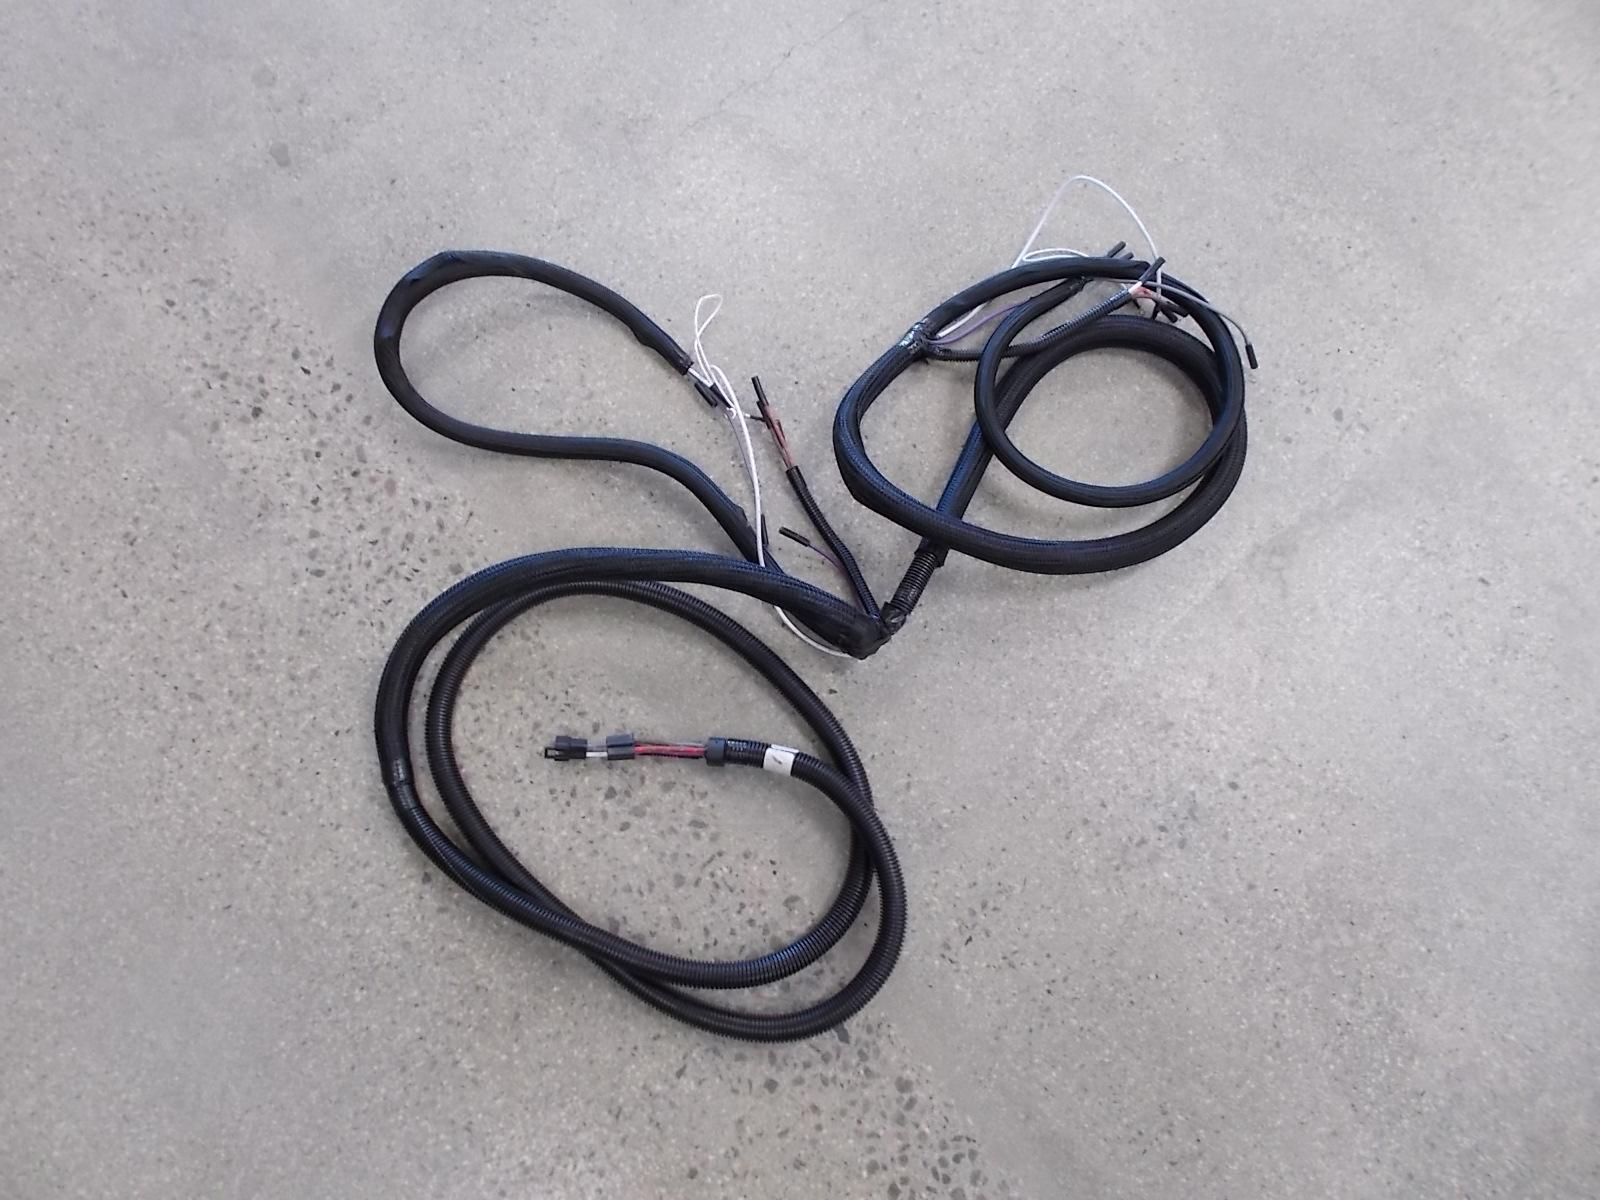 Wiring Diagram For Peterbilt Peterbilt 386 Cb Peterbilt 386 Wiring